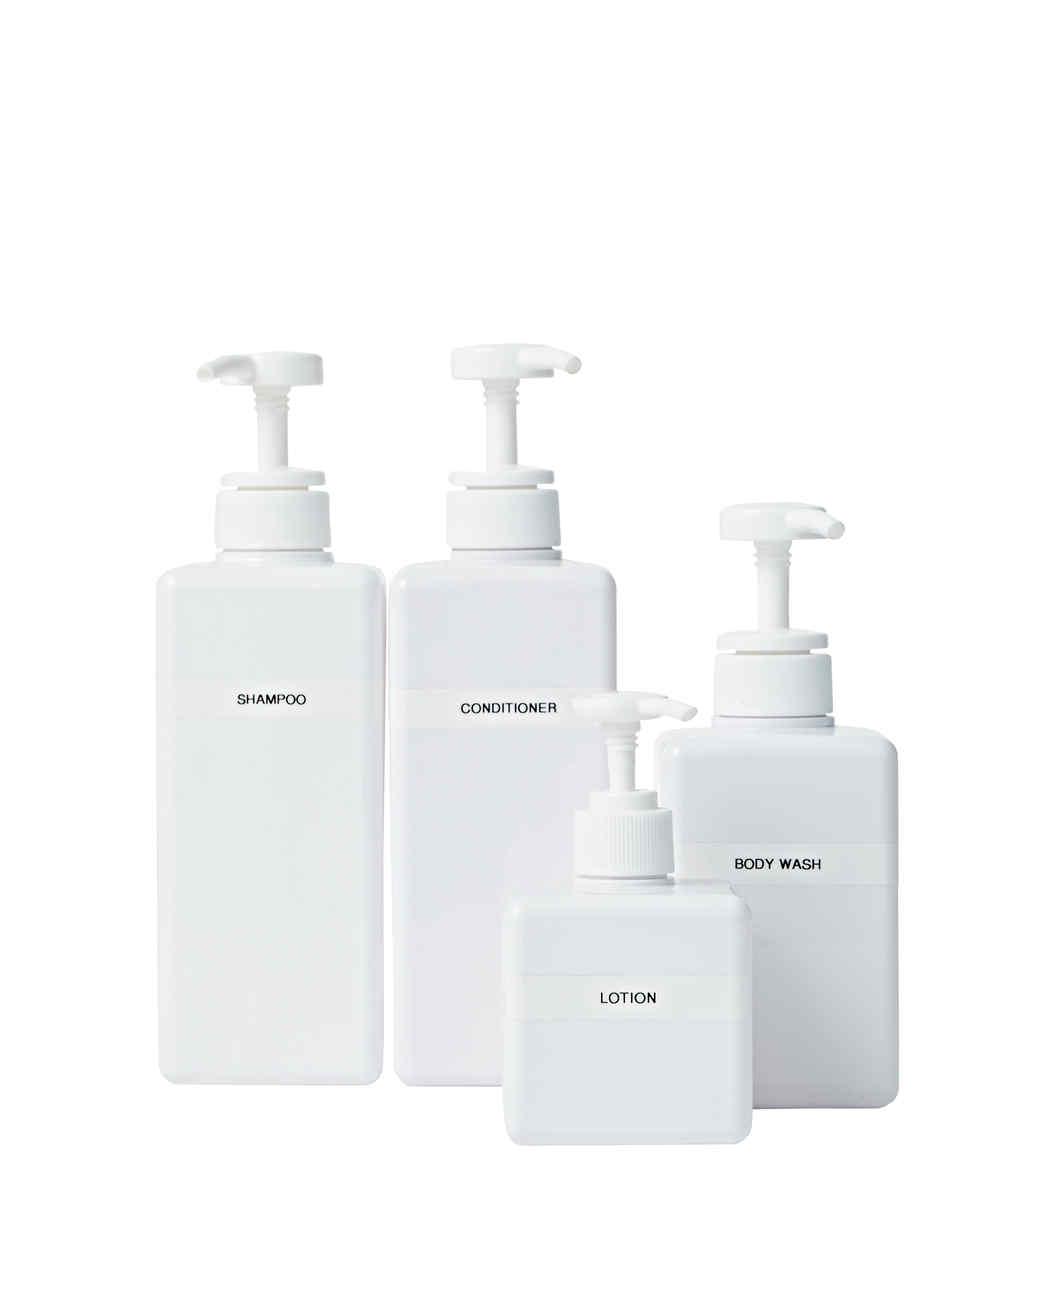 white-bottles-silo-138-d112998_l.jpg